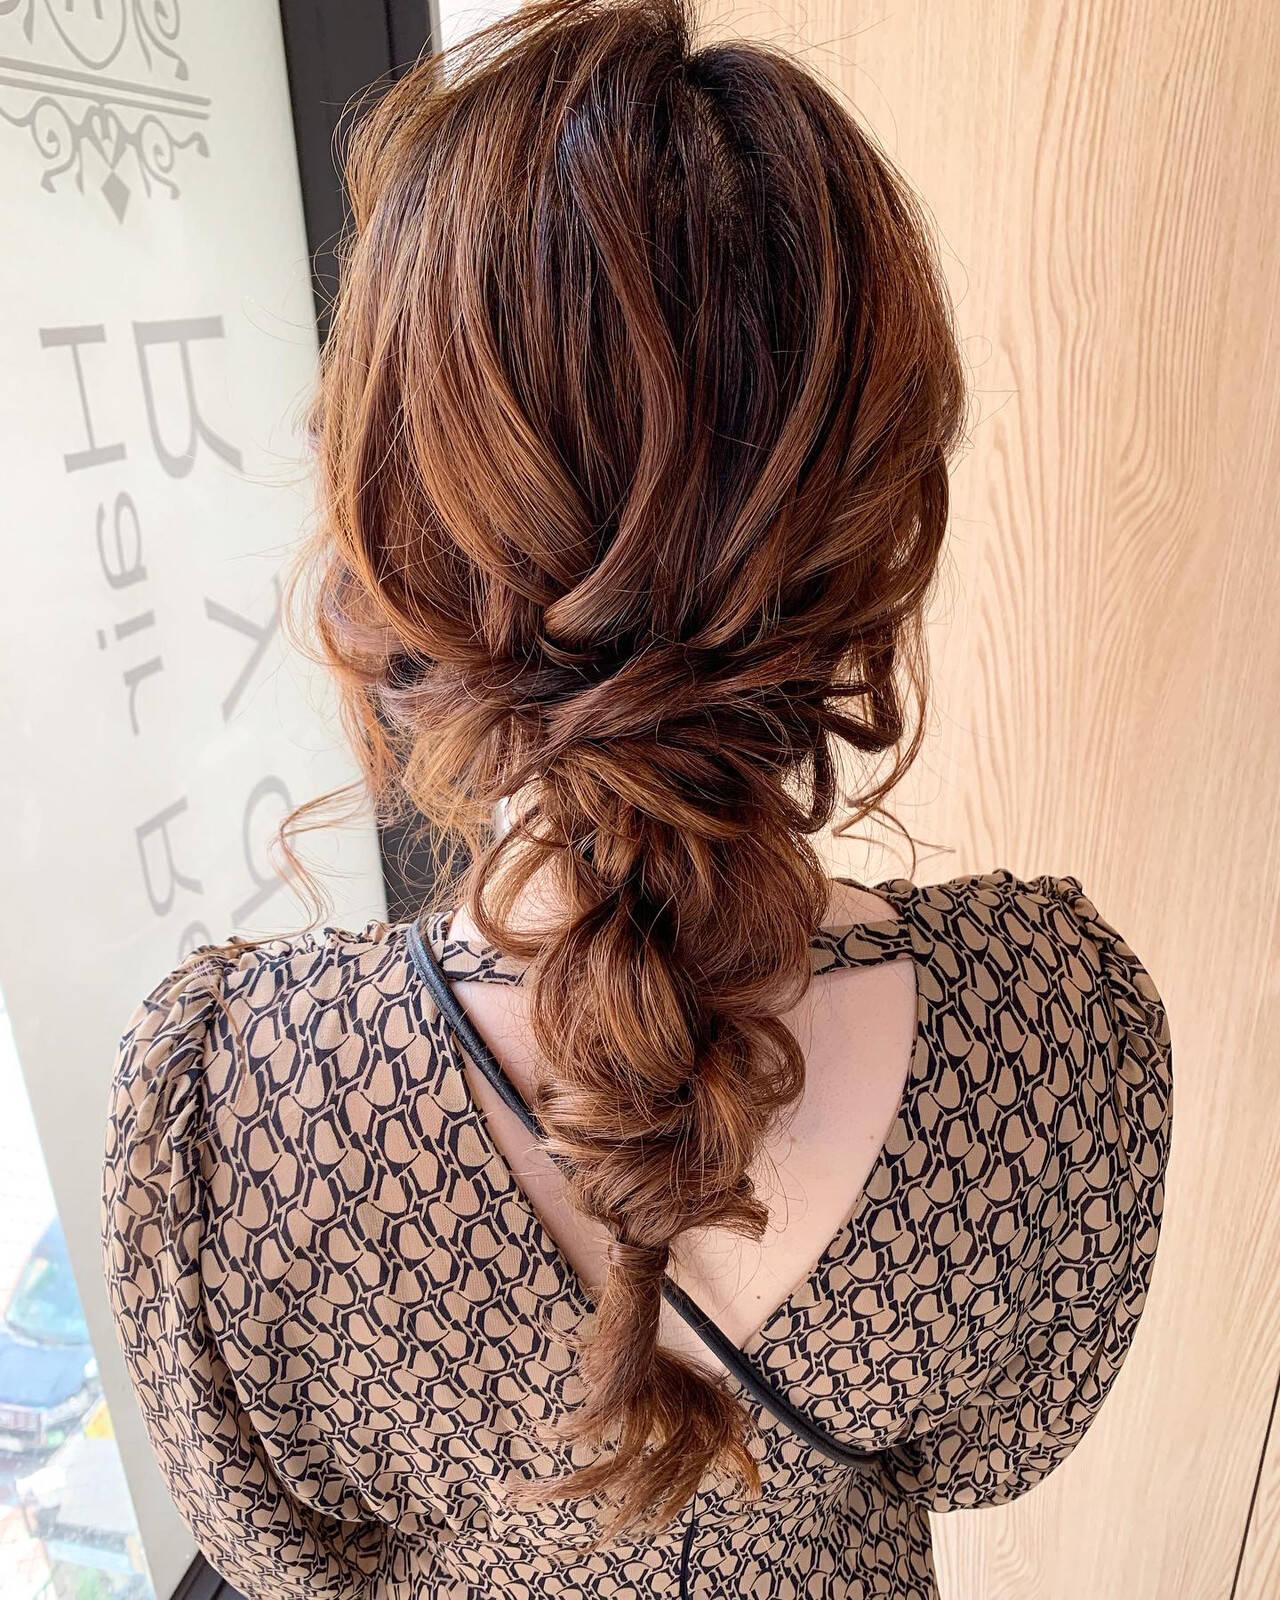 ゆるふわセット ナチュラル ロング 結婚式ヘアアレンジヘアスタイルや髪型の写真・画像